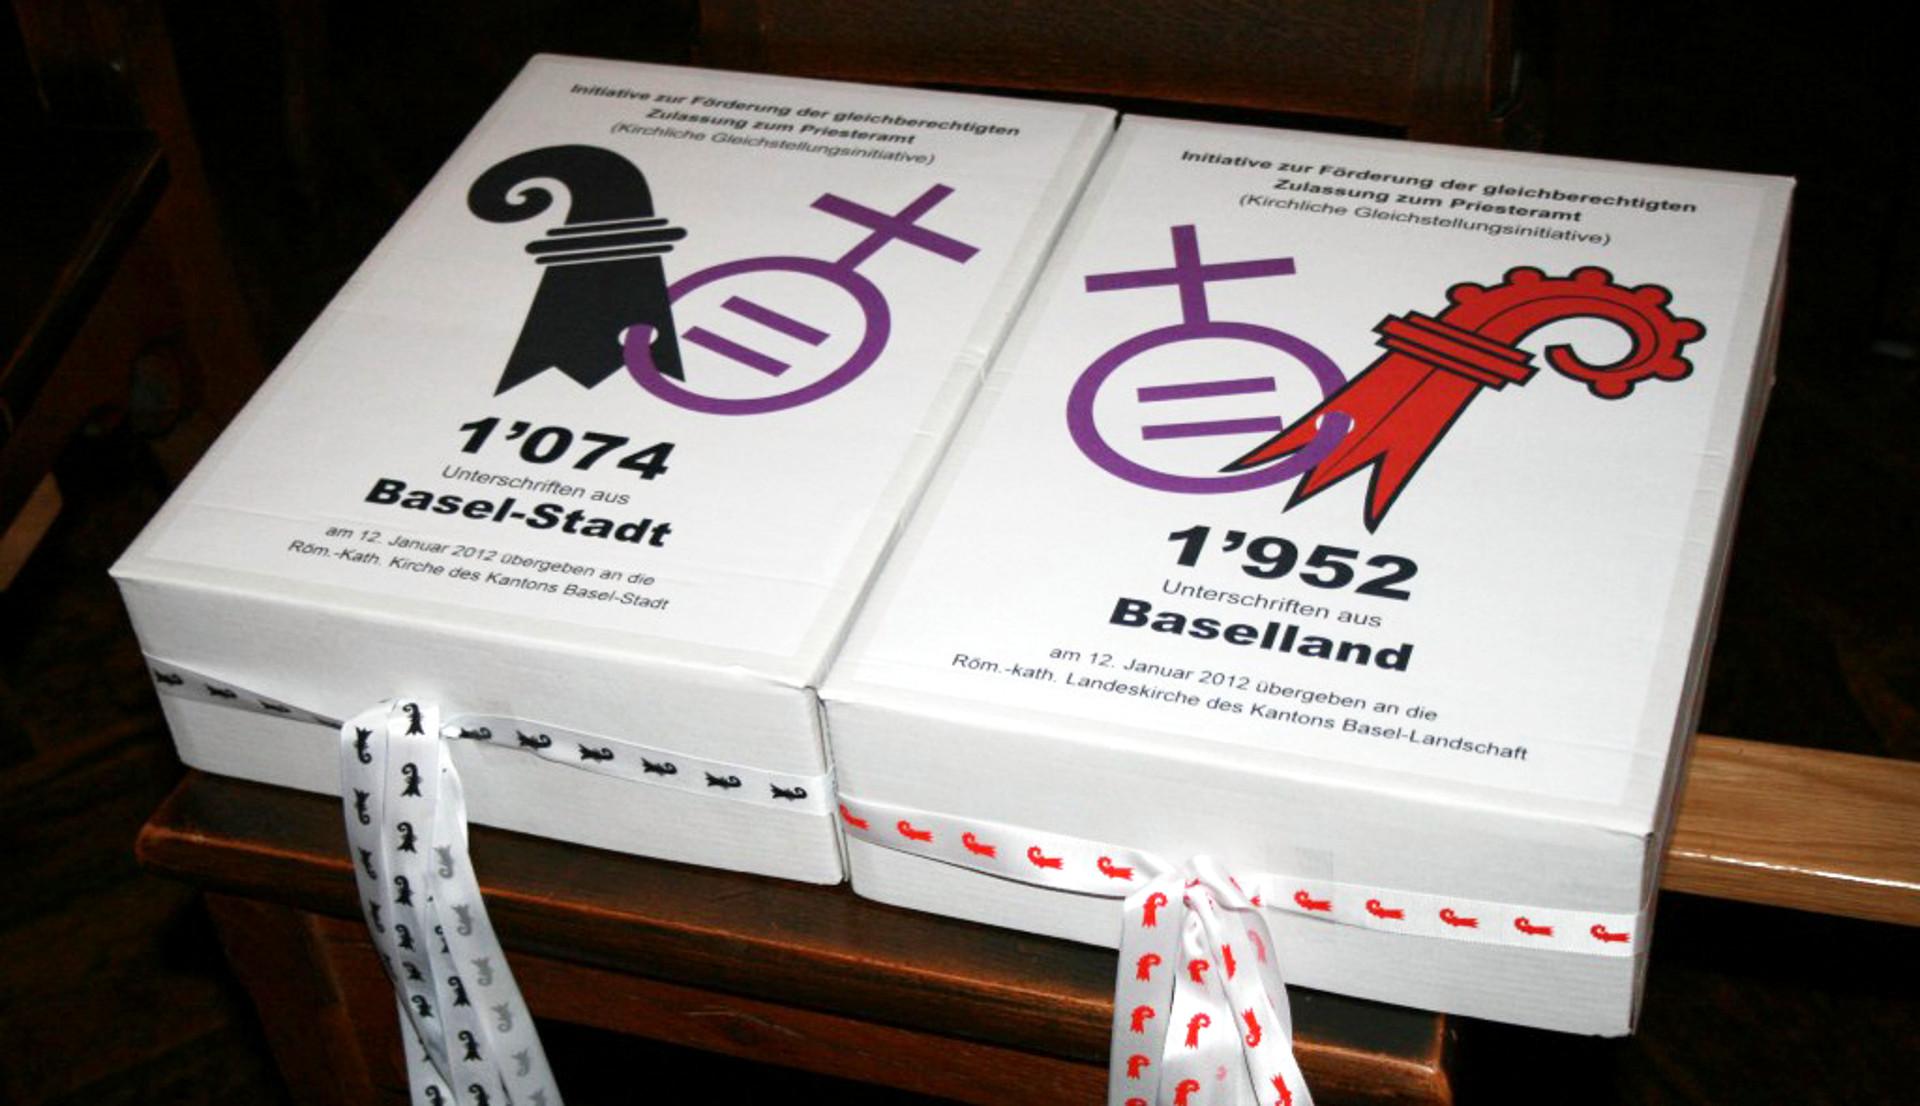 """""""Kirchliche Gleichstellungsinitiative"""" in den Kantonen Basel-Stadt und Basel-Land"""